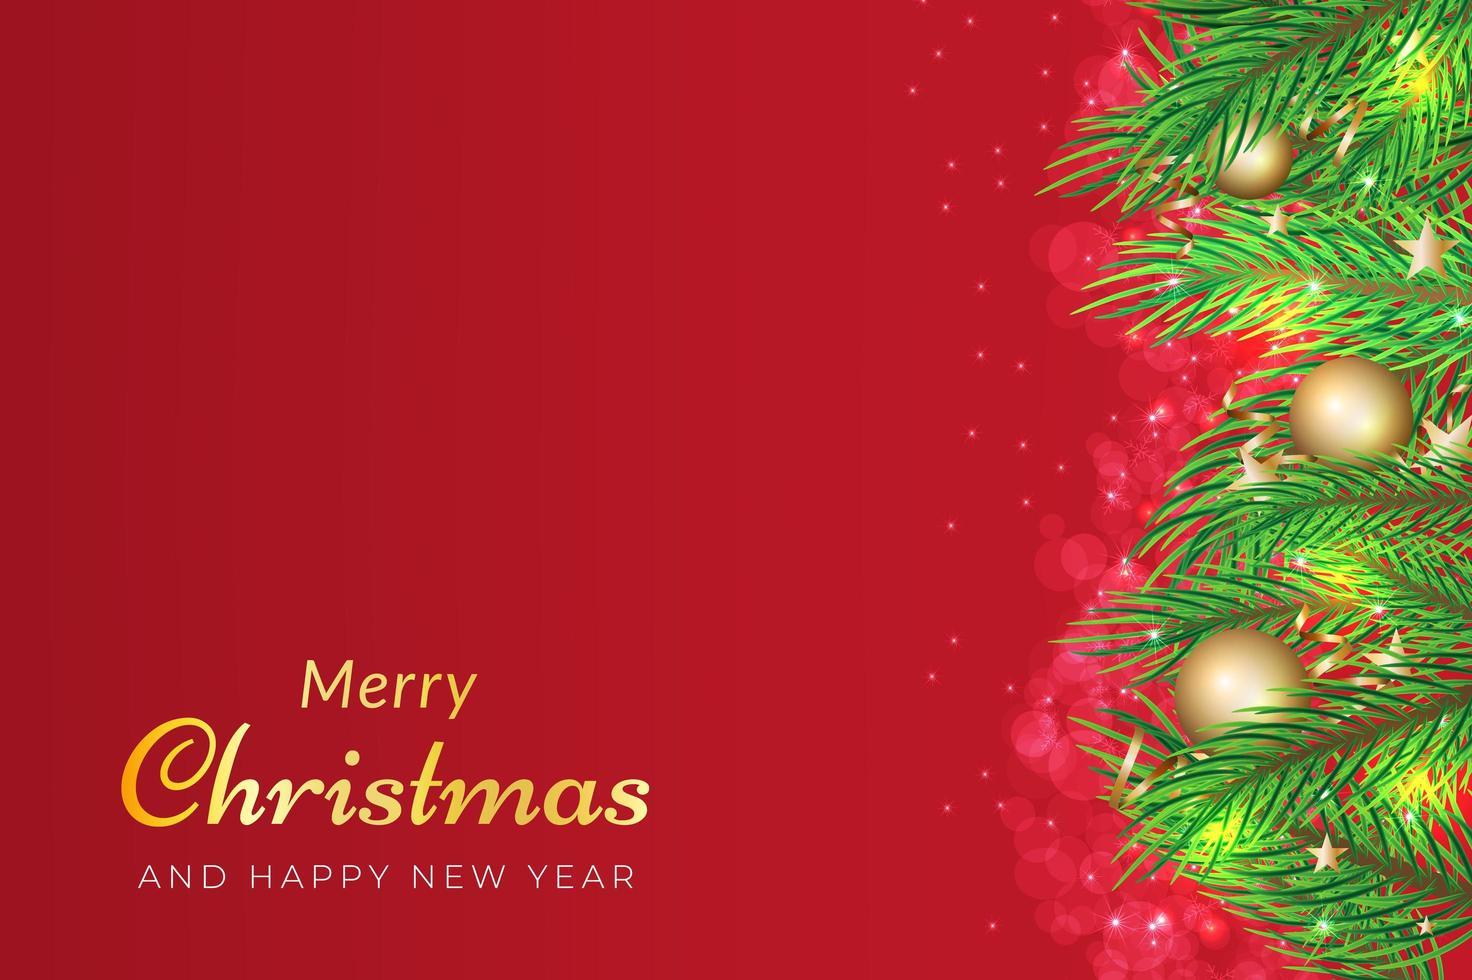 fondo de navidad con ramas de árboles y adornos dorados vector